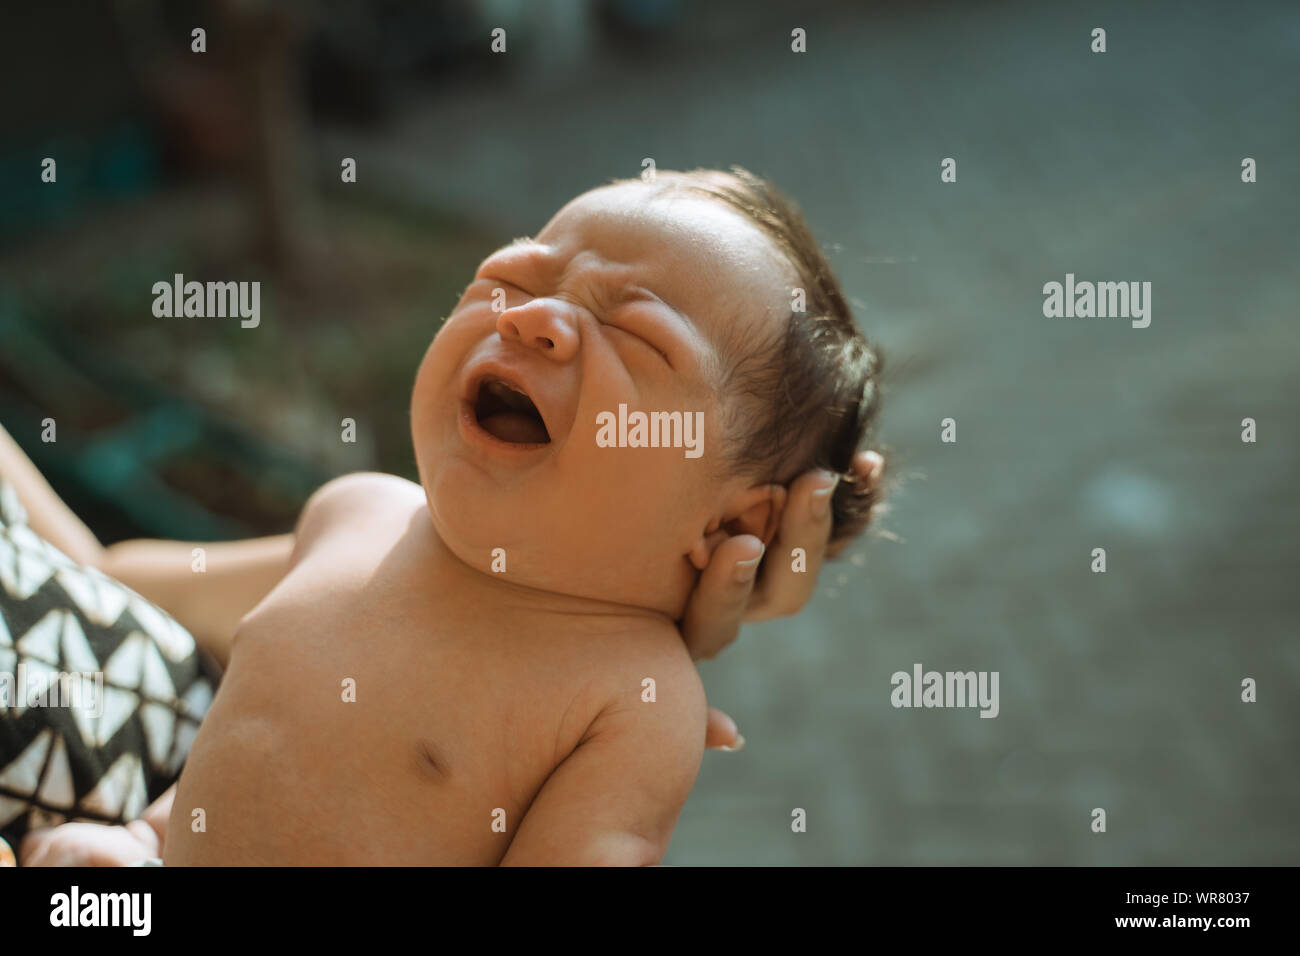 Immagine ritagliata del neonato Bambino per prendere il sole Foto Stock